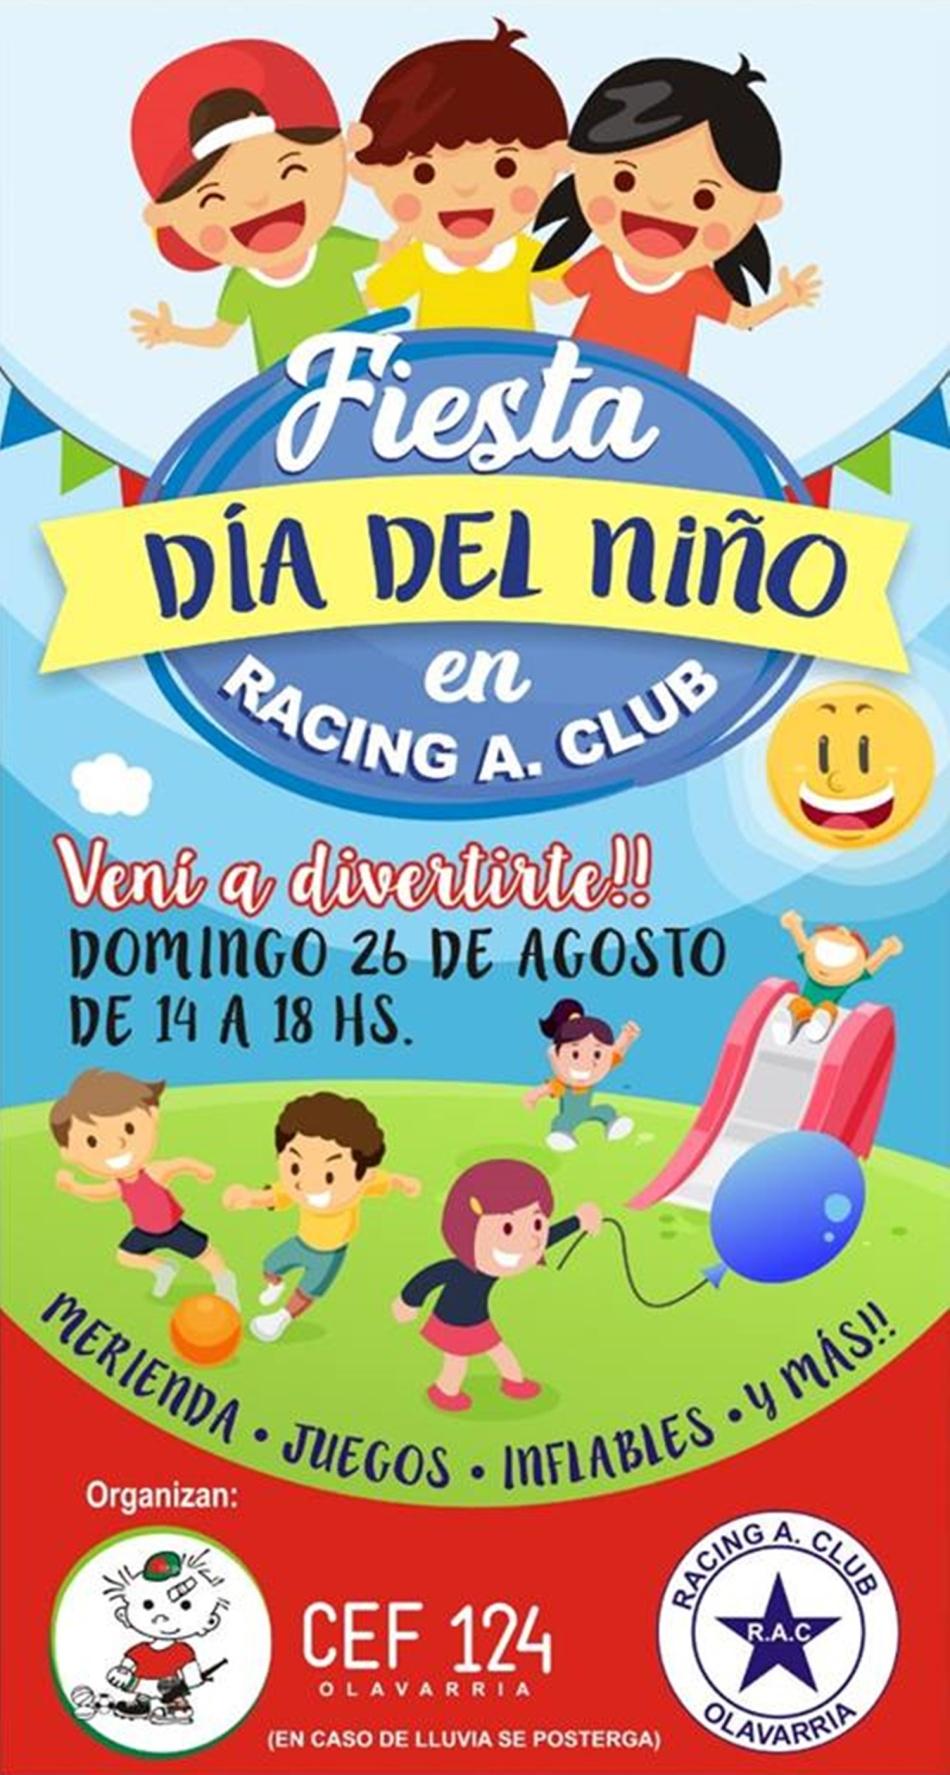 racing olavarria y el dia del niño